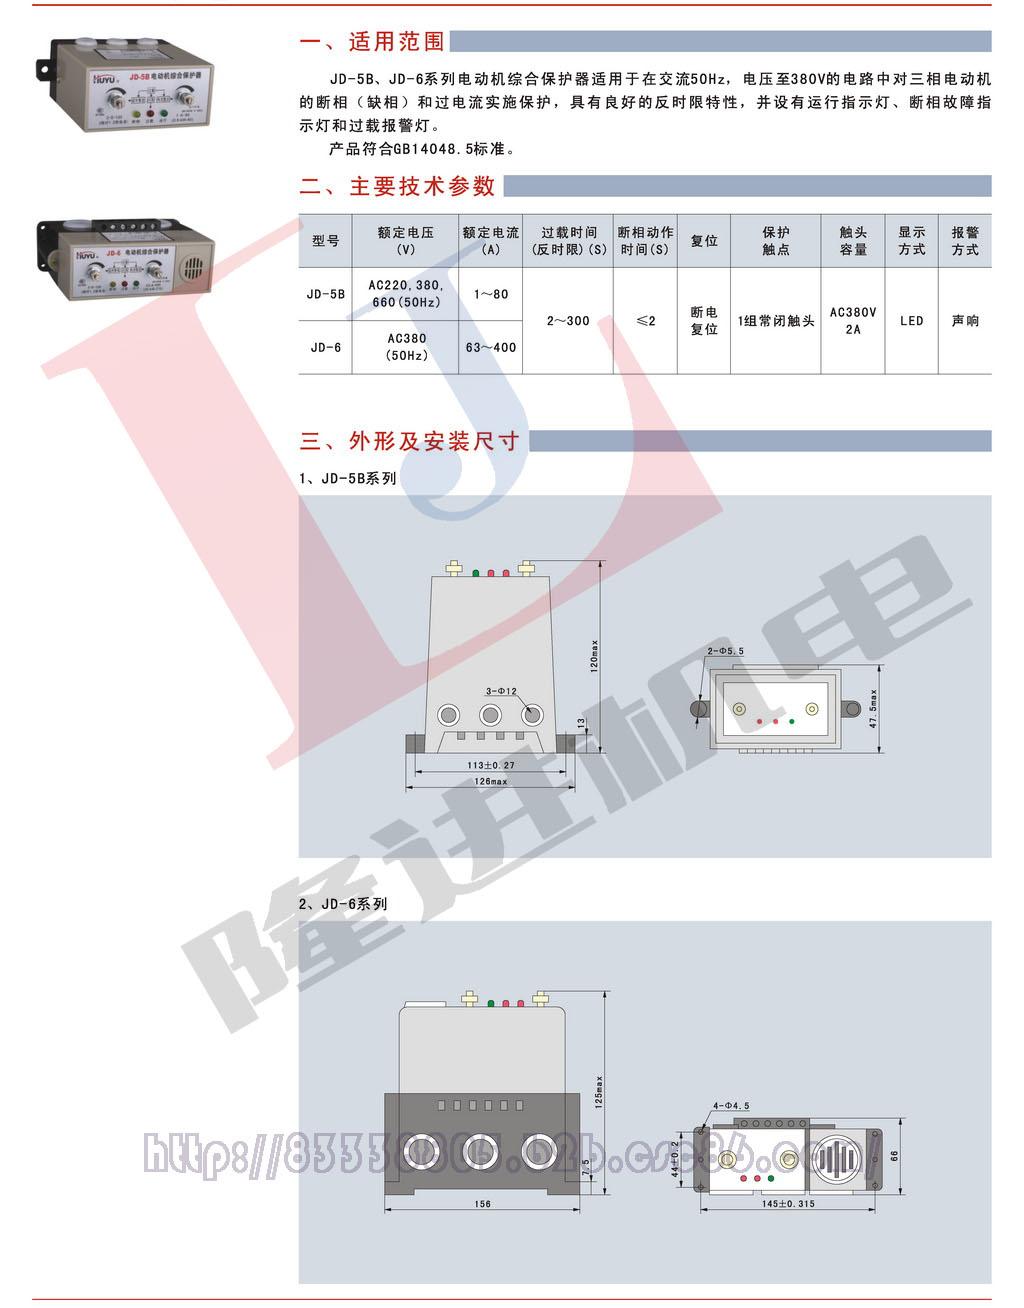 环宇JD-5B/JD-6系列电机综合保护器图片一